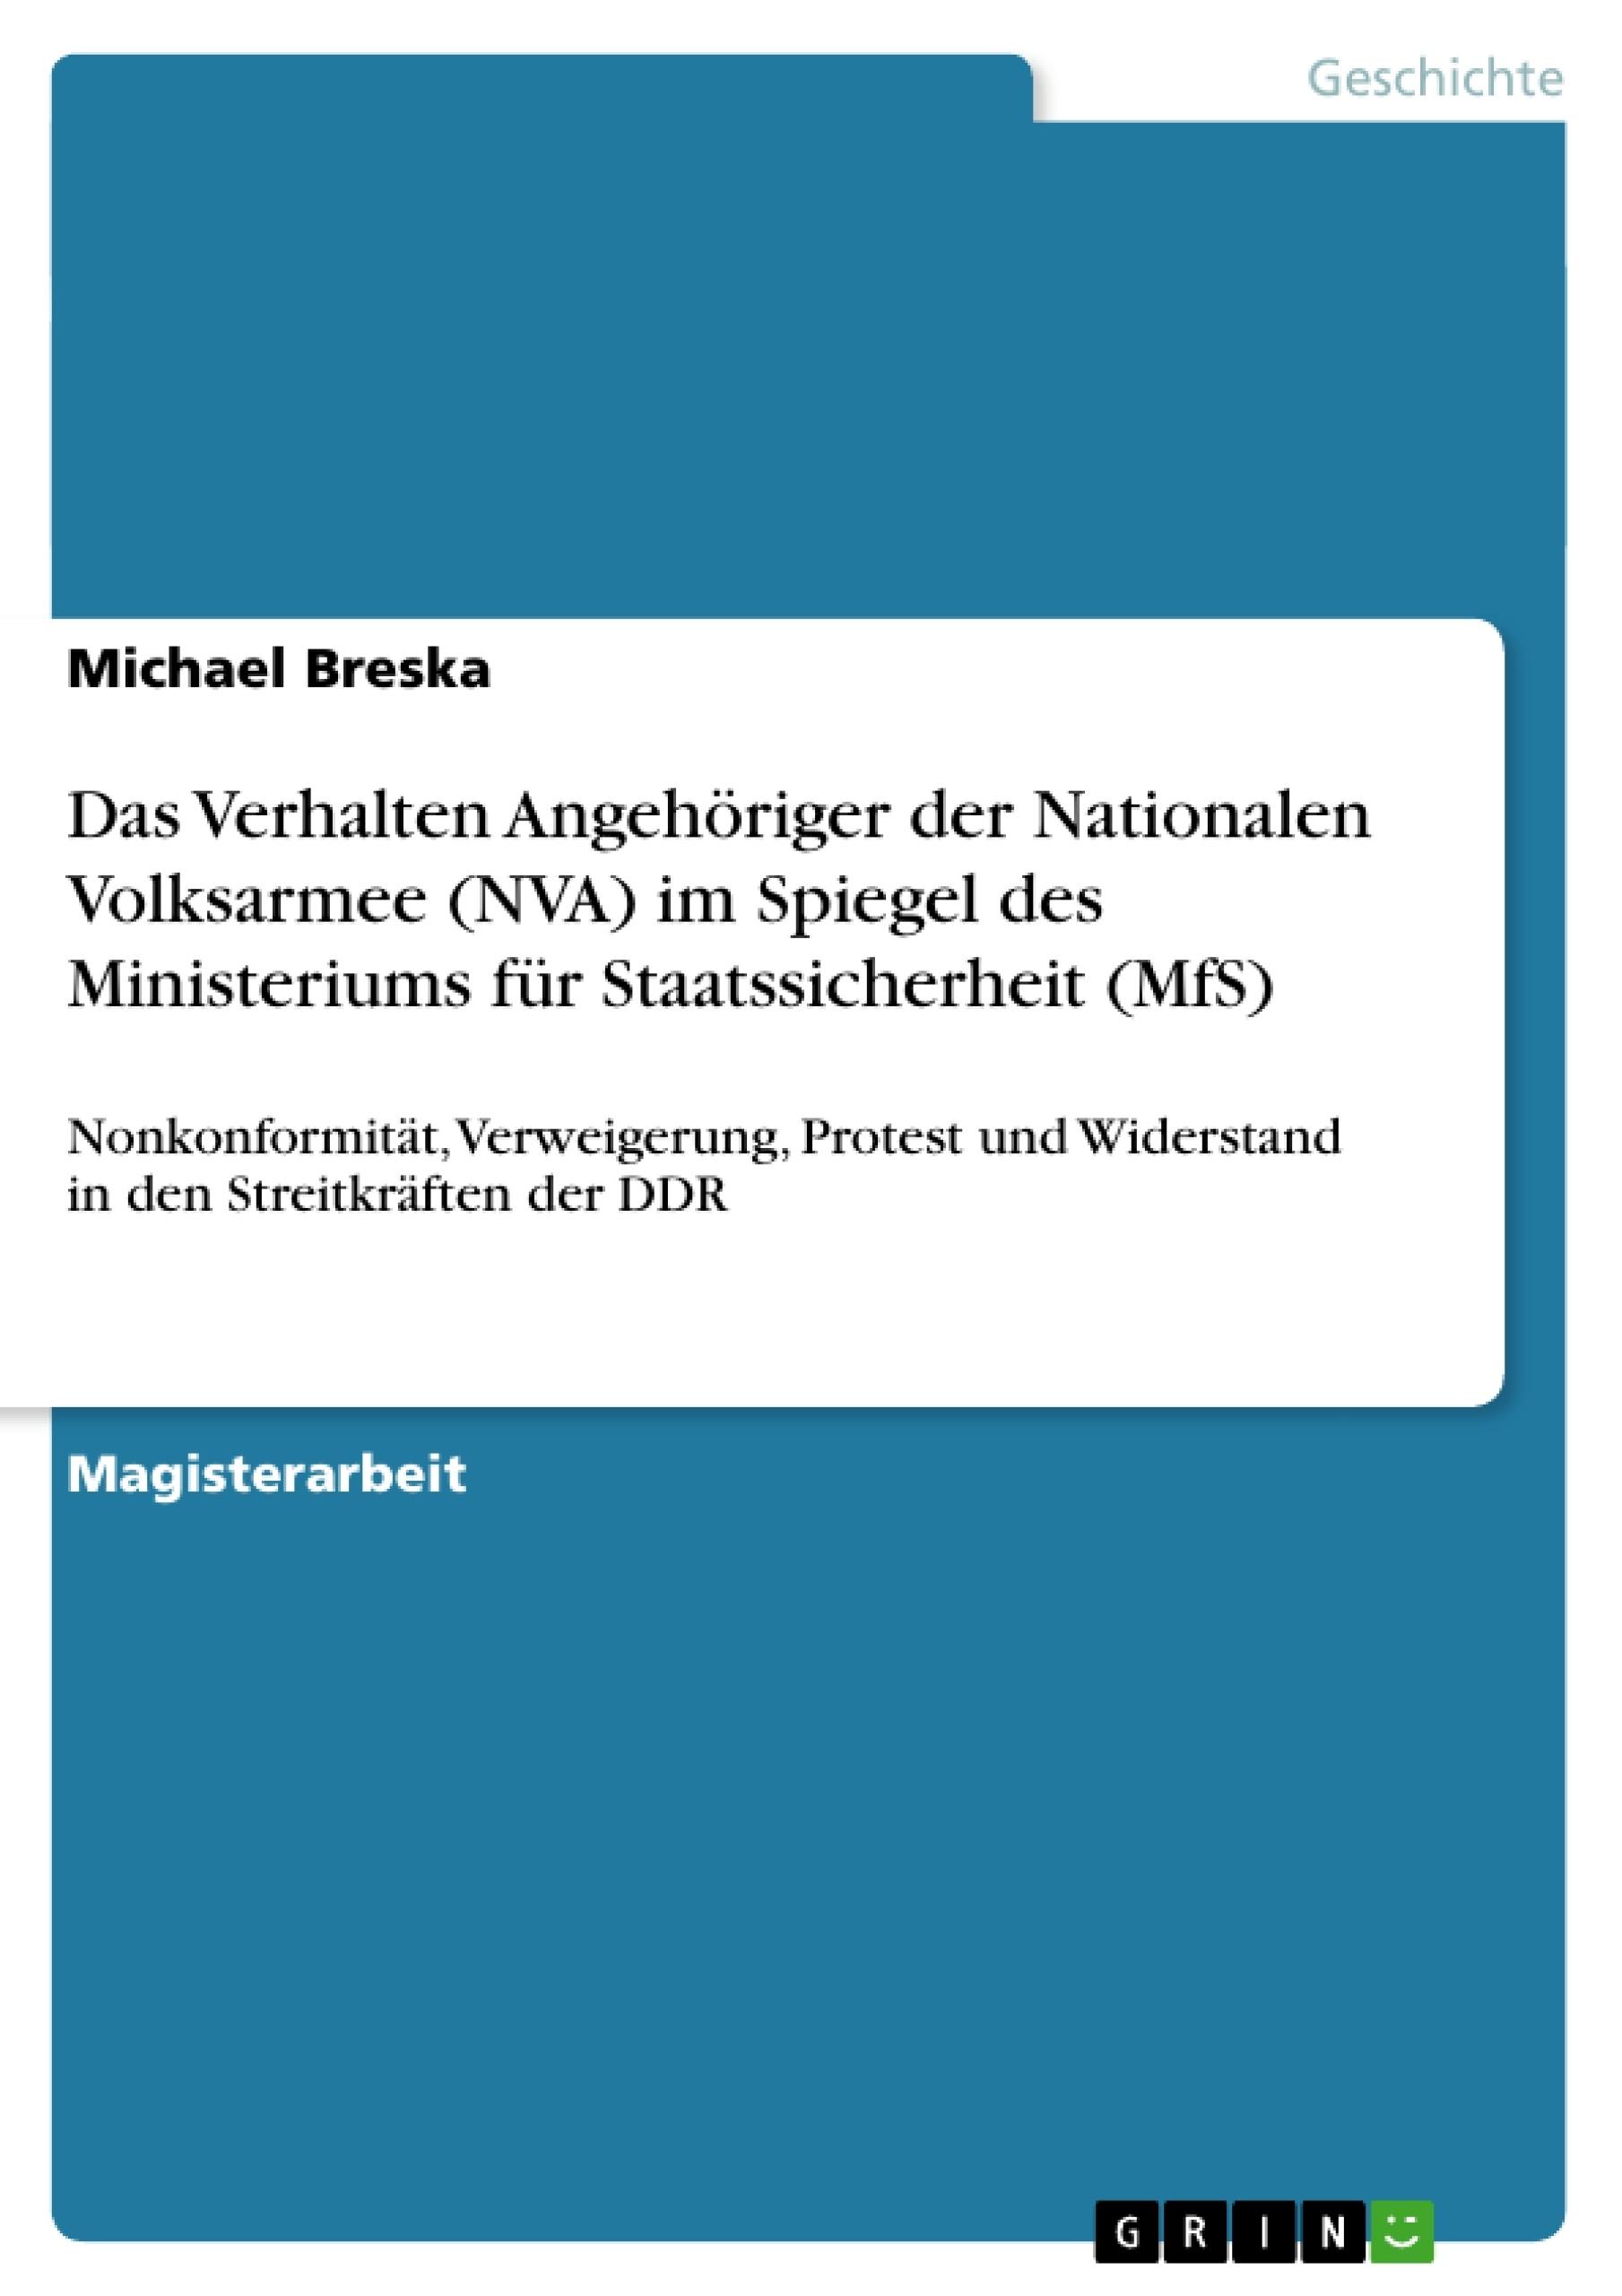 Titel: Das Verhalten Angehöriger der Nationalen Volksarmee (NVA) im Spiegel des Ministeriums für Staatssicherheit (MfS)